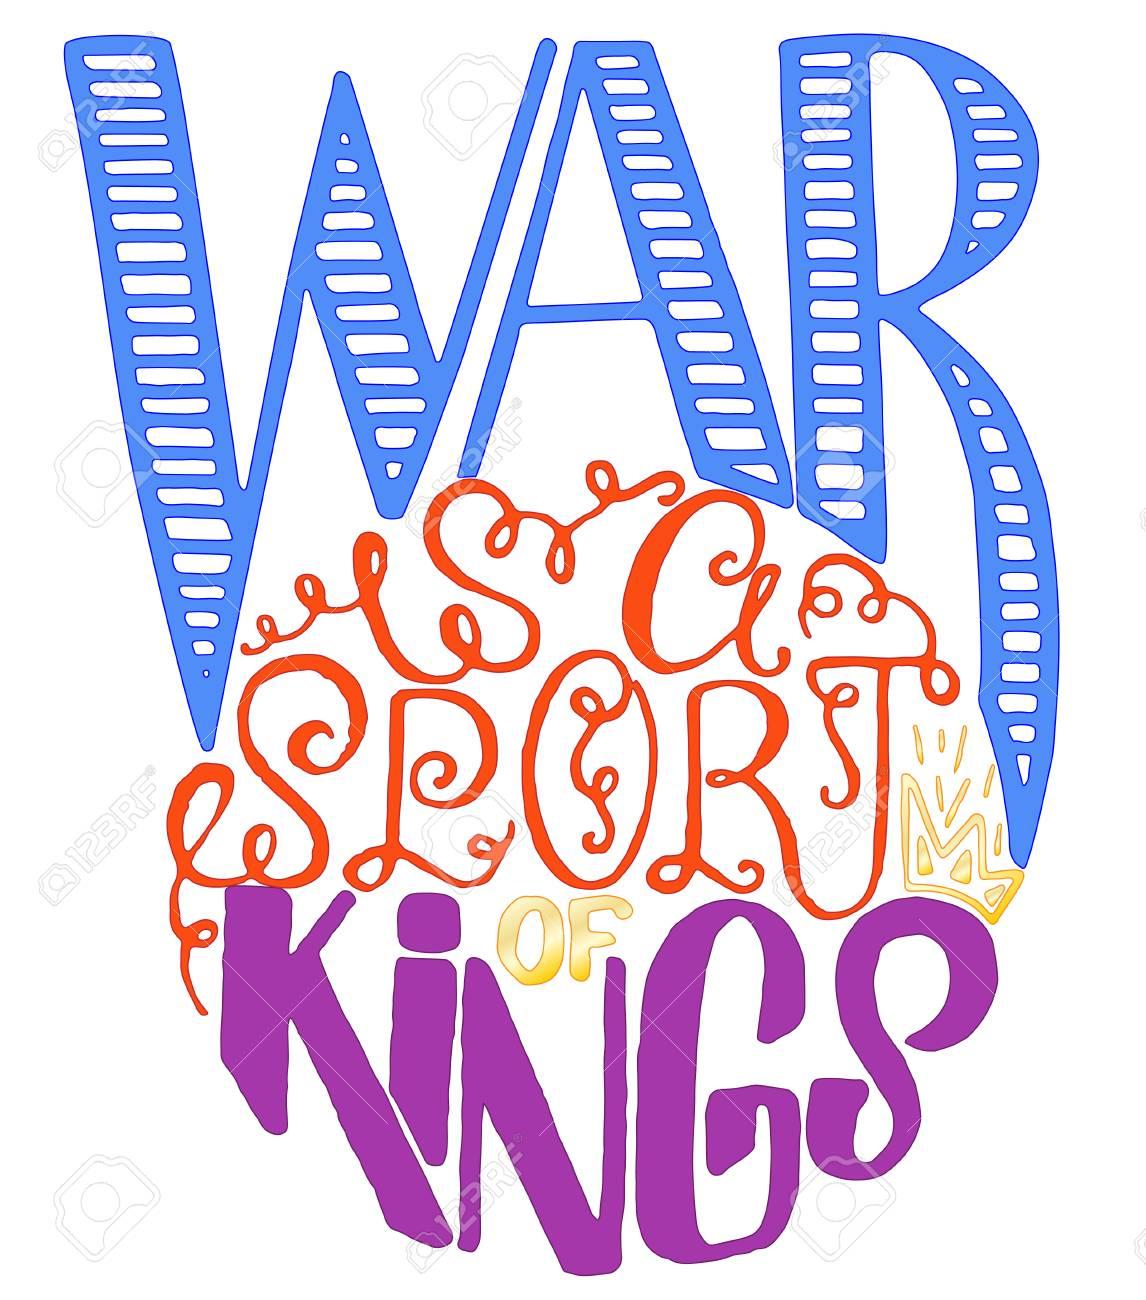 Cartaz De Citações De Motivação Esportiva A Guerra é Um Esporte De Reis Bandeira Inspiradora De Ginástica Com Texto E Frase De Desenho Manual